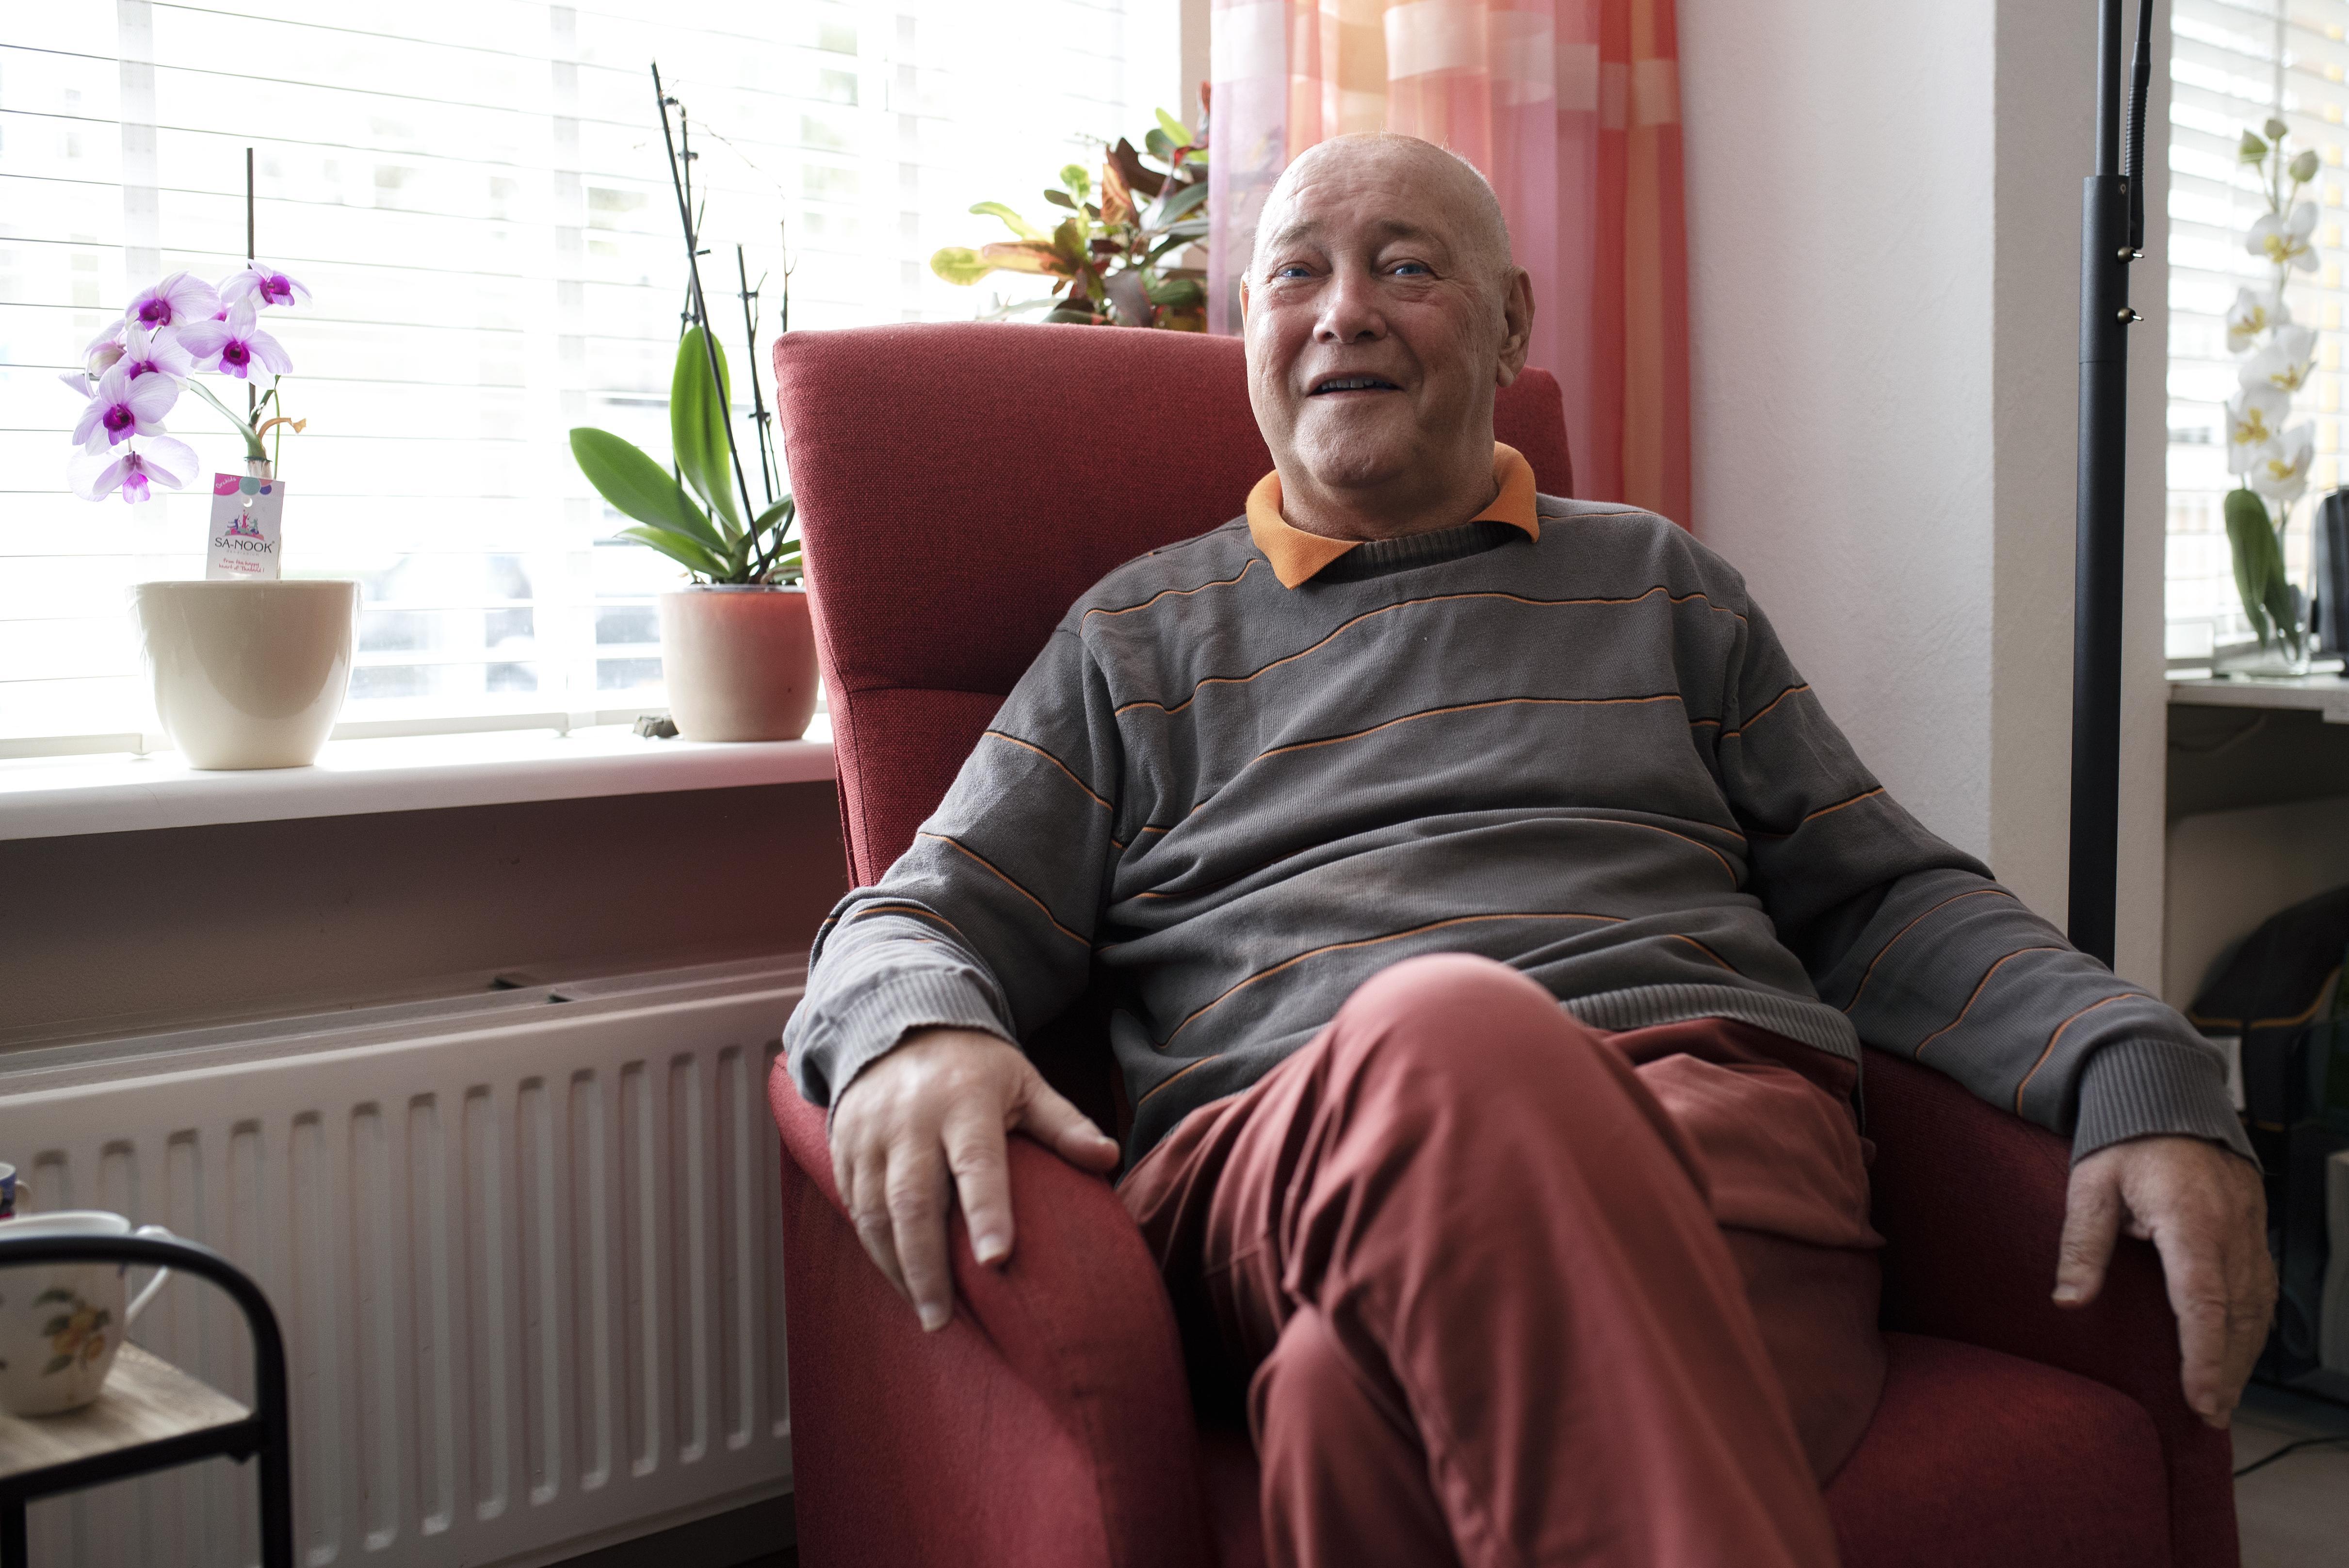 Martin Hoeben voelt zich een pechvogel en geluksvogel. Pas met een tweede donornier kreeg hij zijn leven terug. 'Als je dialyseert, stopt een groot deel van je leven'